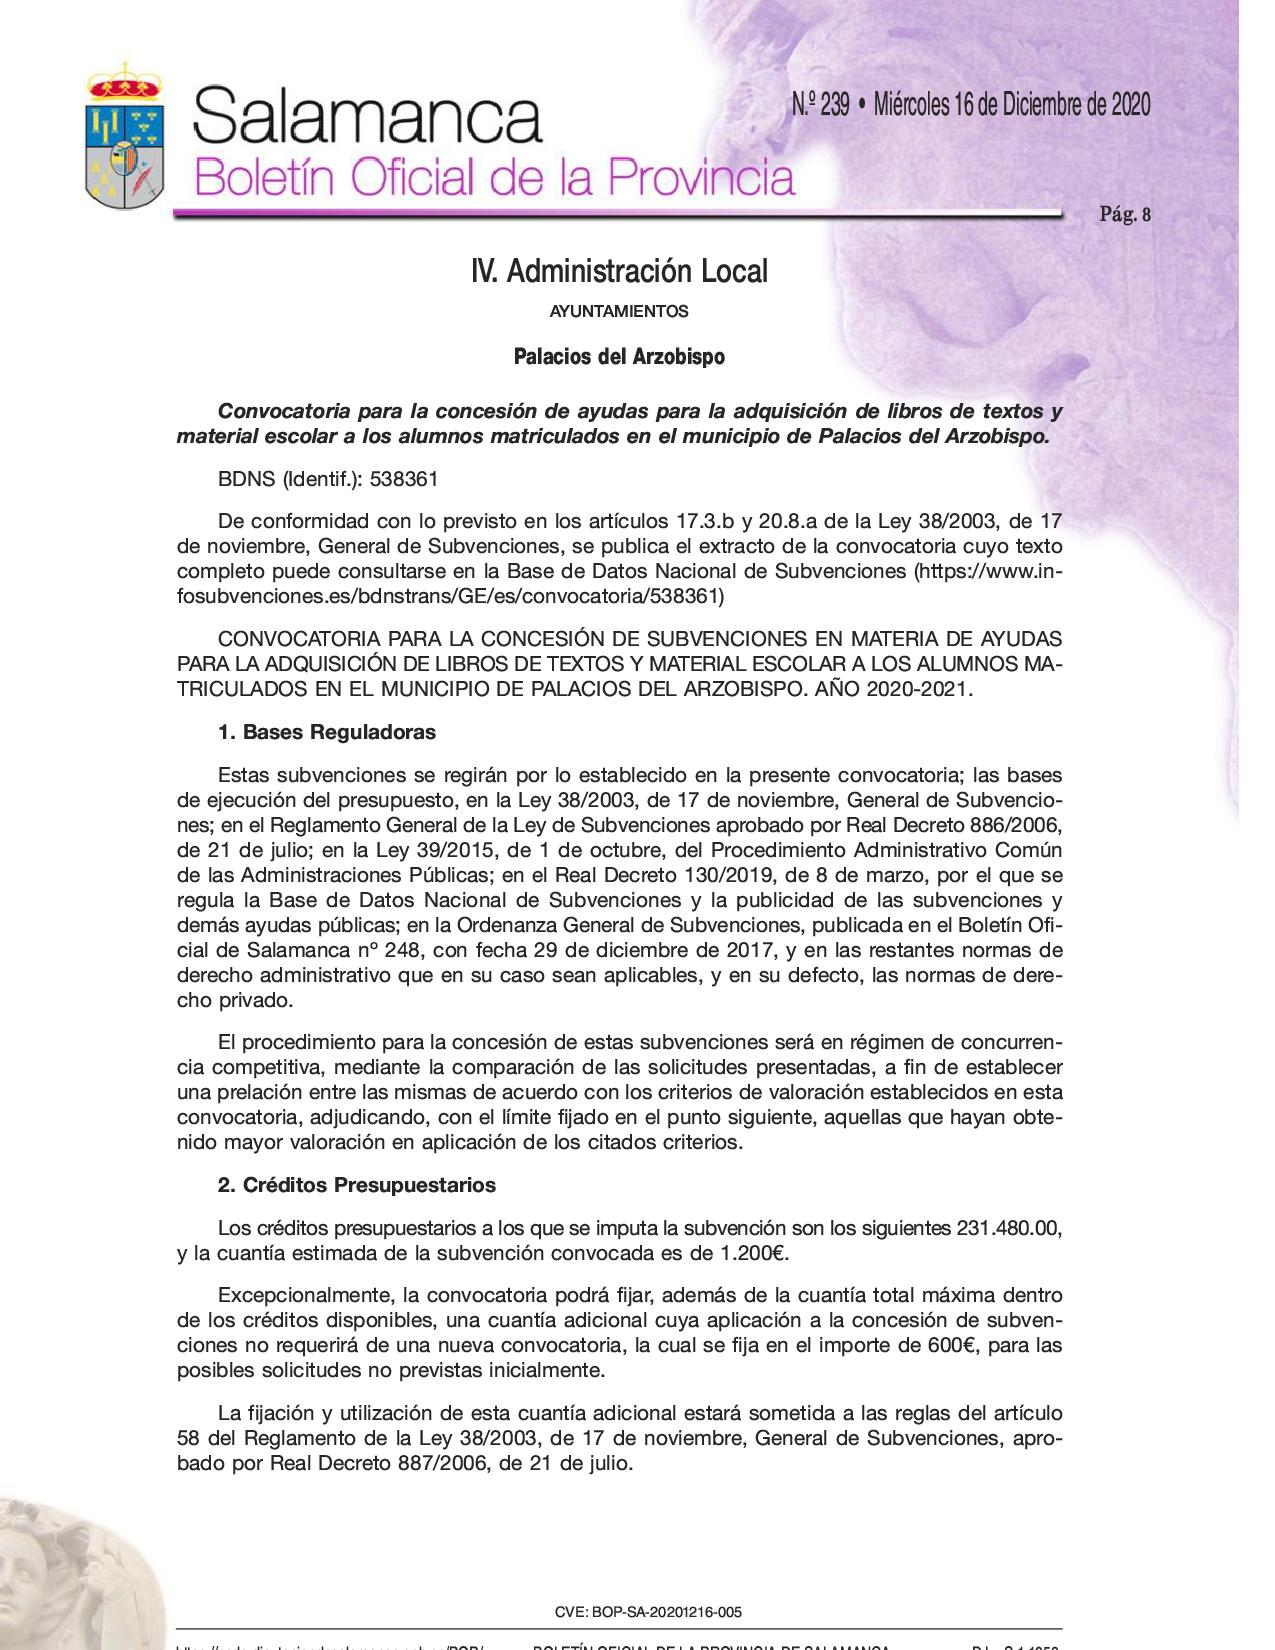 Convocatoria de ayudas para la Adquisición de Libros de Texto y Material Escolar 2020/2021